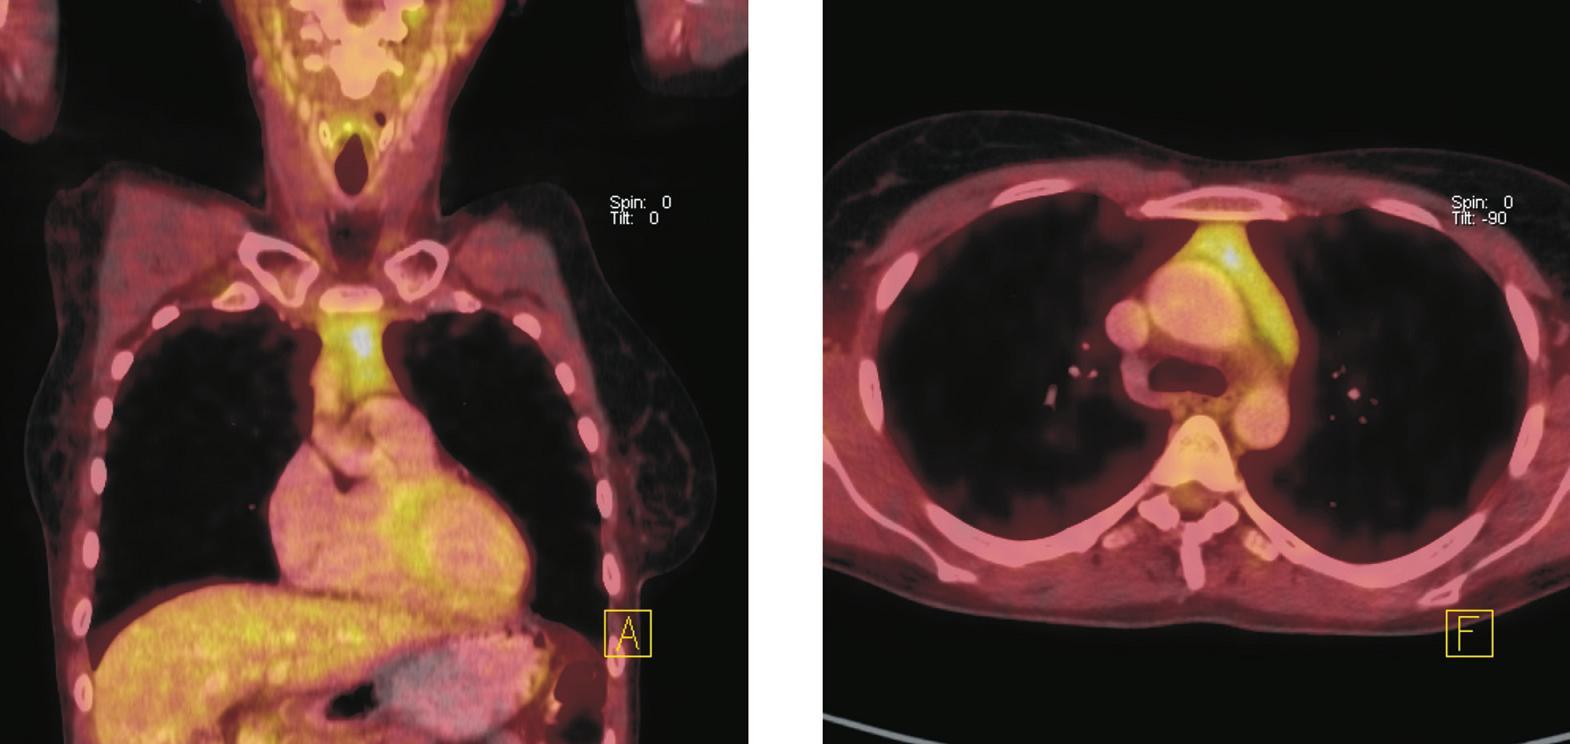 Fúze PET a CT řezů – koronální (vlevo), transverzální (vpravo). Zvýšená akumulace <sup>18</sup>F-FDG v měkkotkáňové struktuře horního předního mediastina, která nebyla patrná při vstupním vyšetření před zahájením imunochemoterapie. Velikost ani charakter popsané struktury se při pozdějším kontrolním vyšetření nezměnily. Nález hodnocen jako aktivace tkáně thymu po chemoterapii.